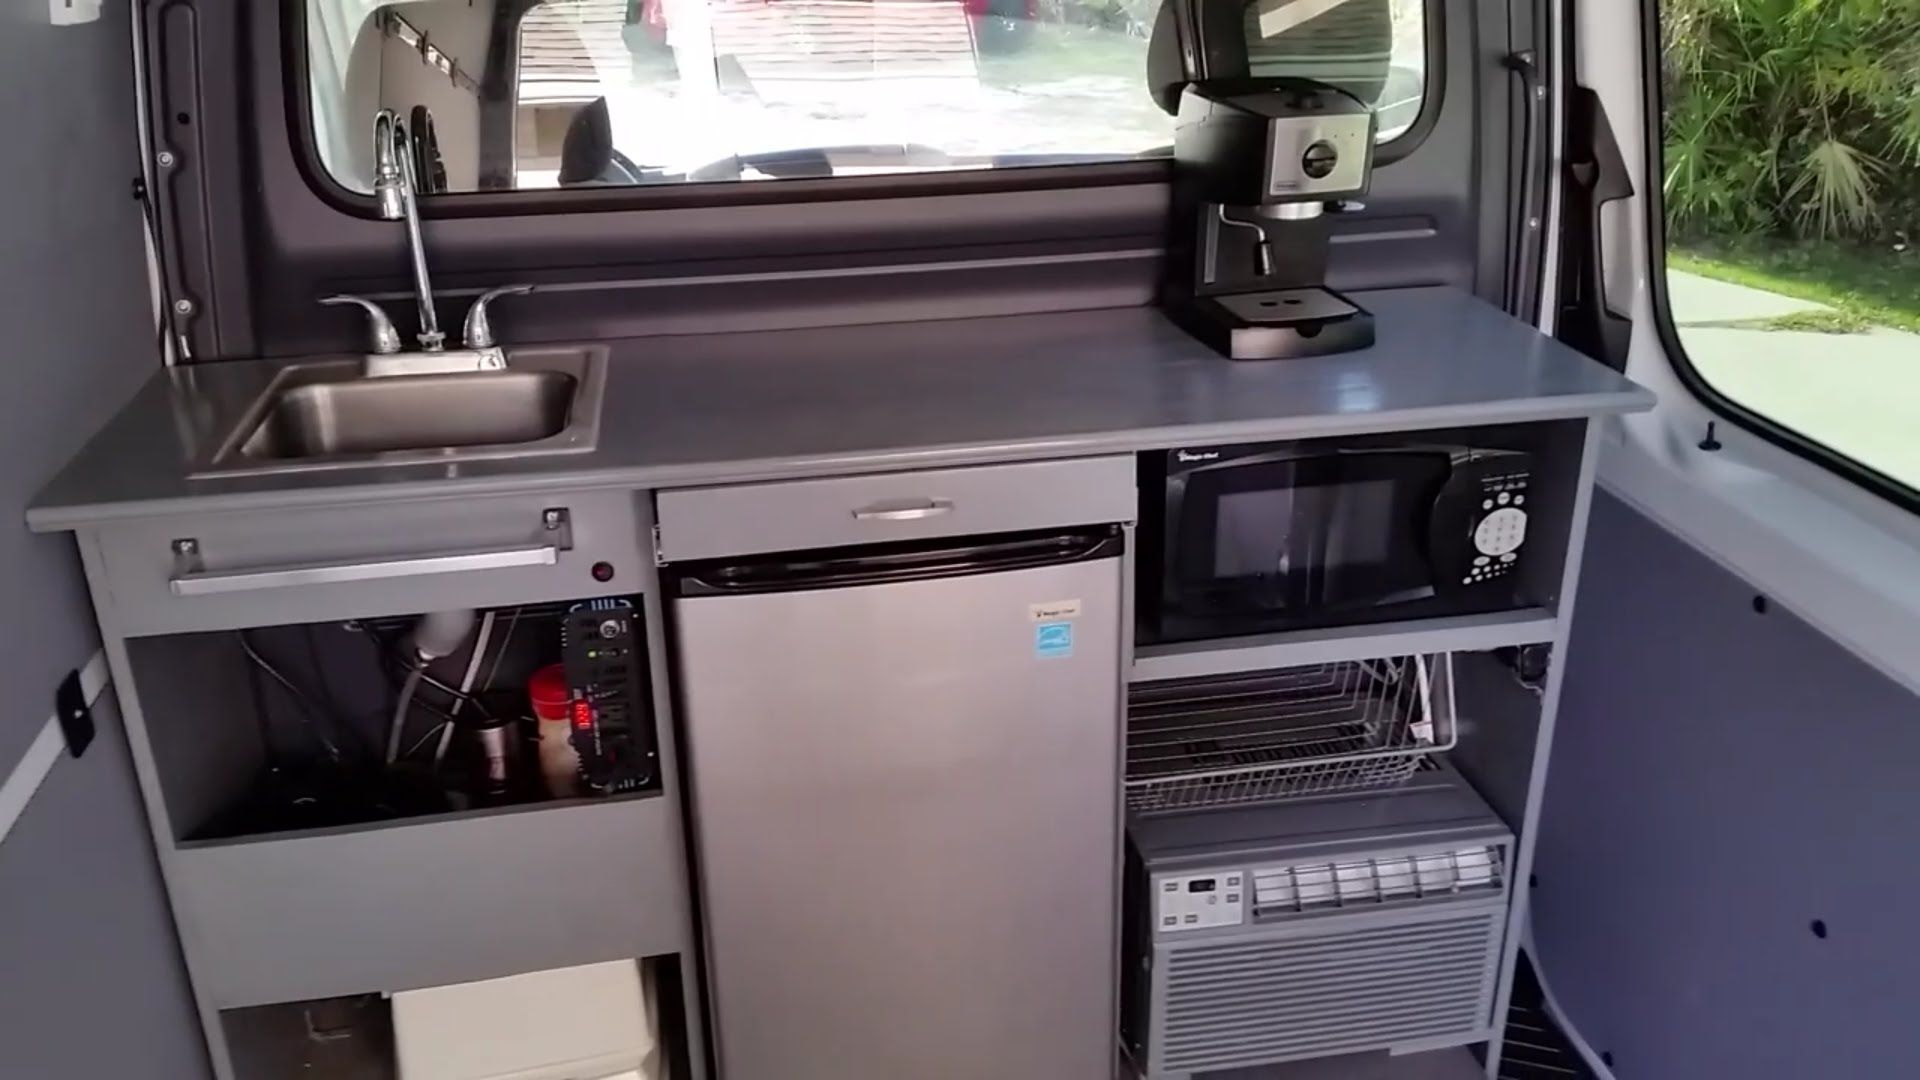 Mercedes sprinter work van kitchen custom conversion rv diy